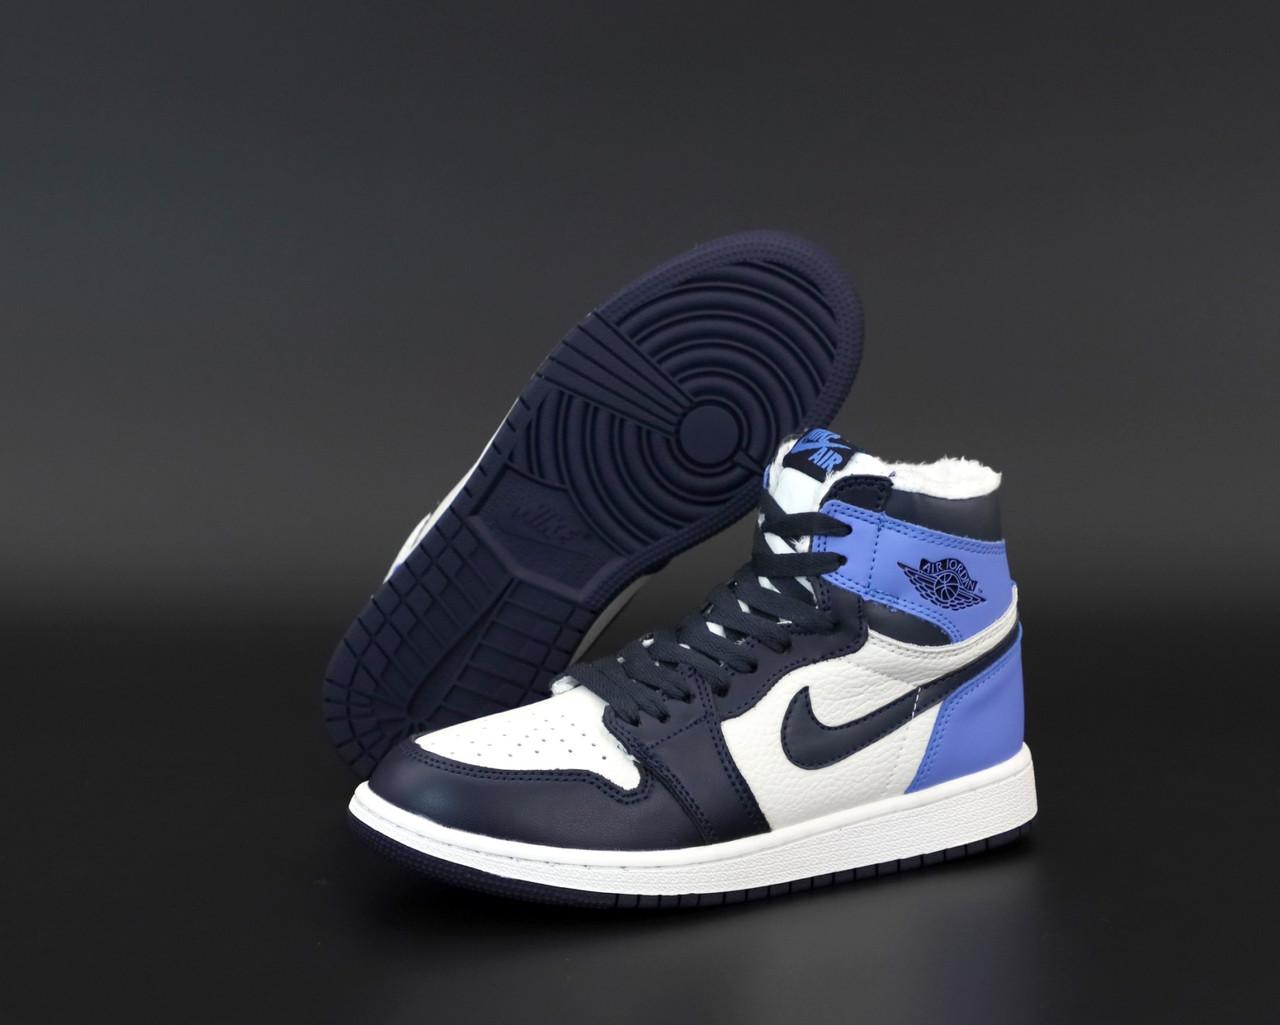 Зимові жіночі кросівки Nike Air Jordan 1 Retro Winter blue. ТОП репліка ААА класу.